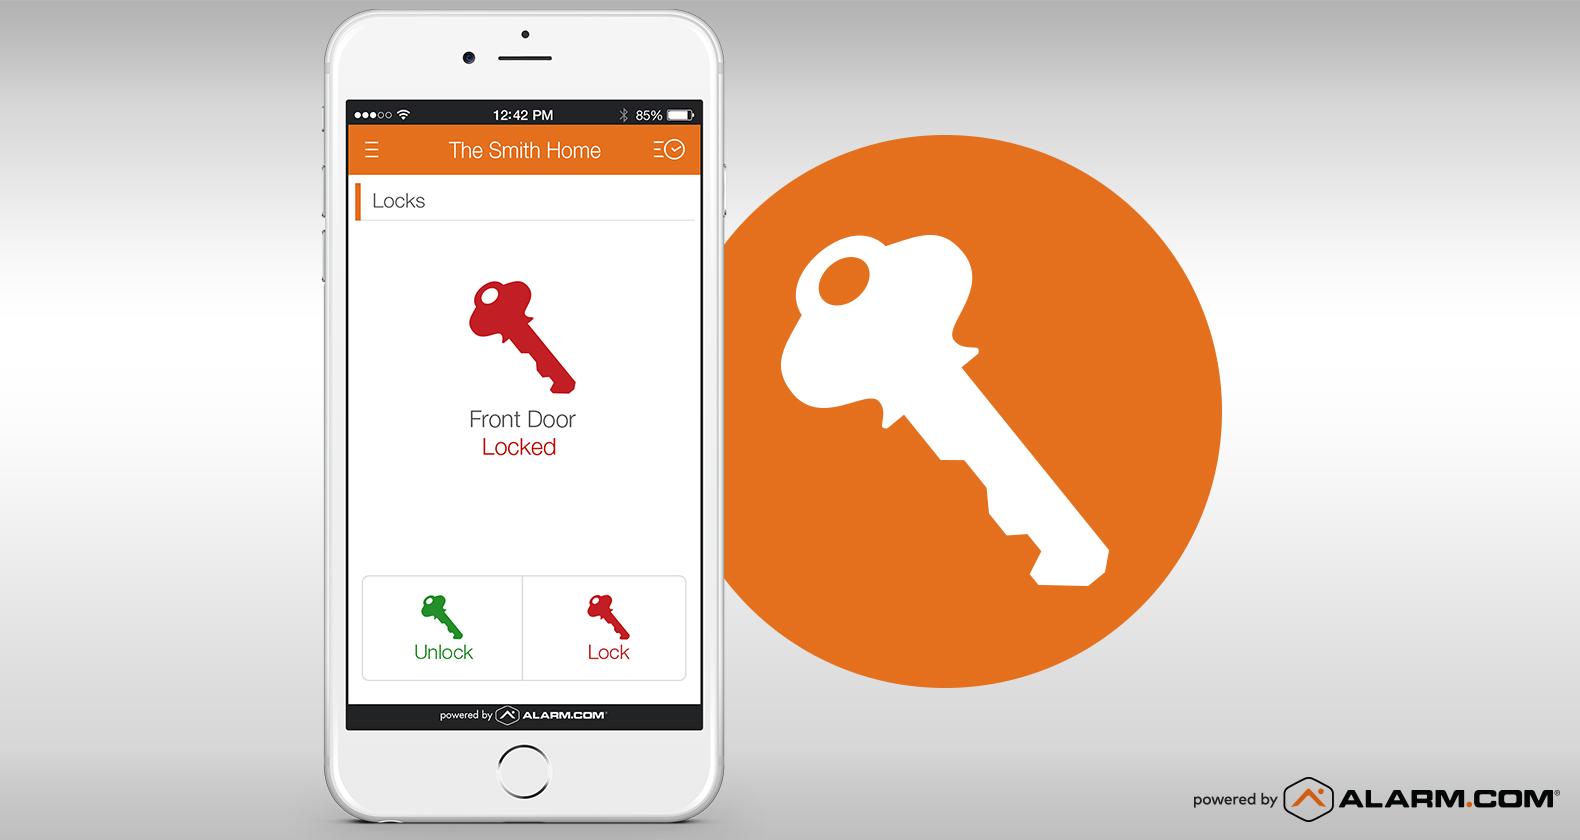 locks_orange.jpg